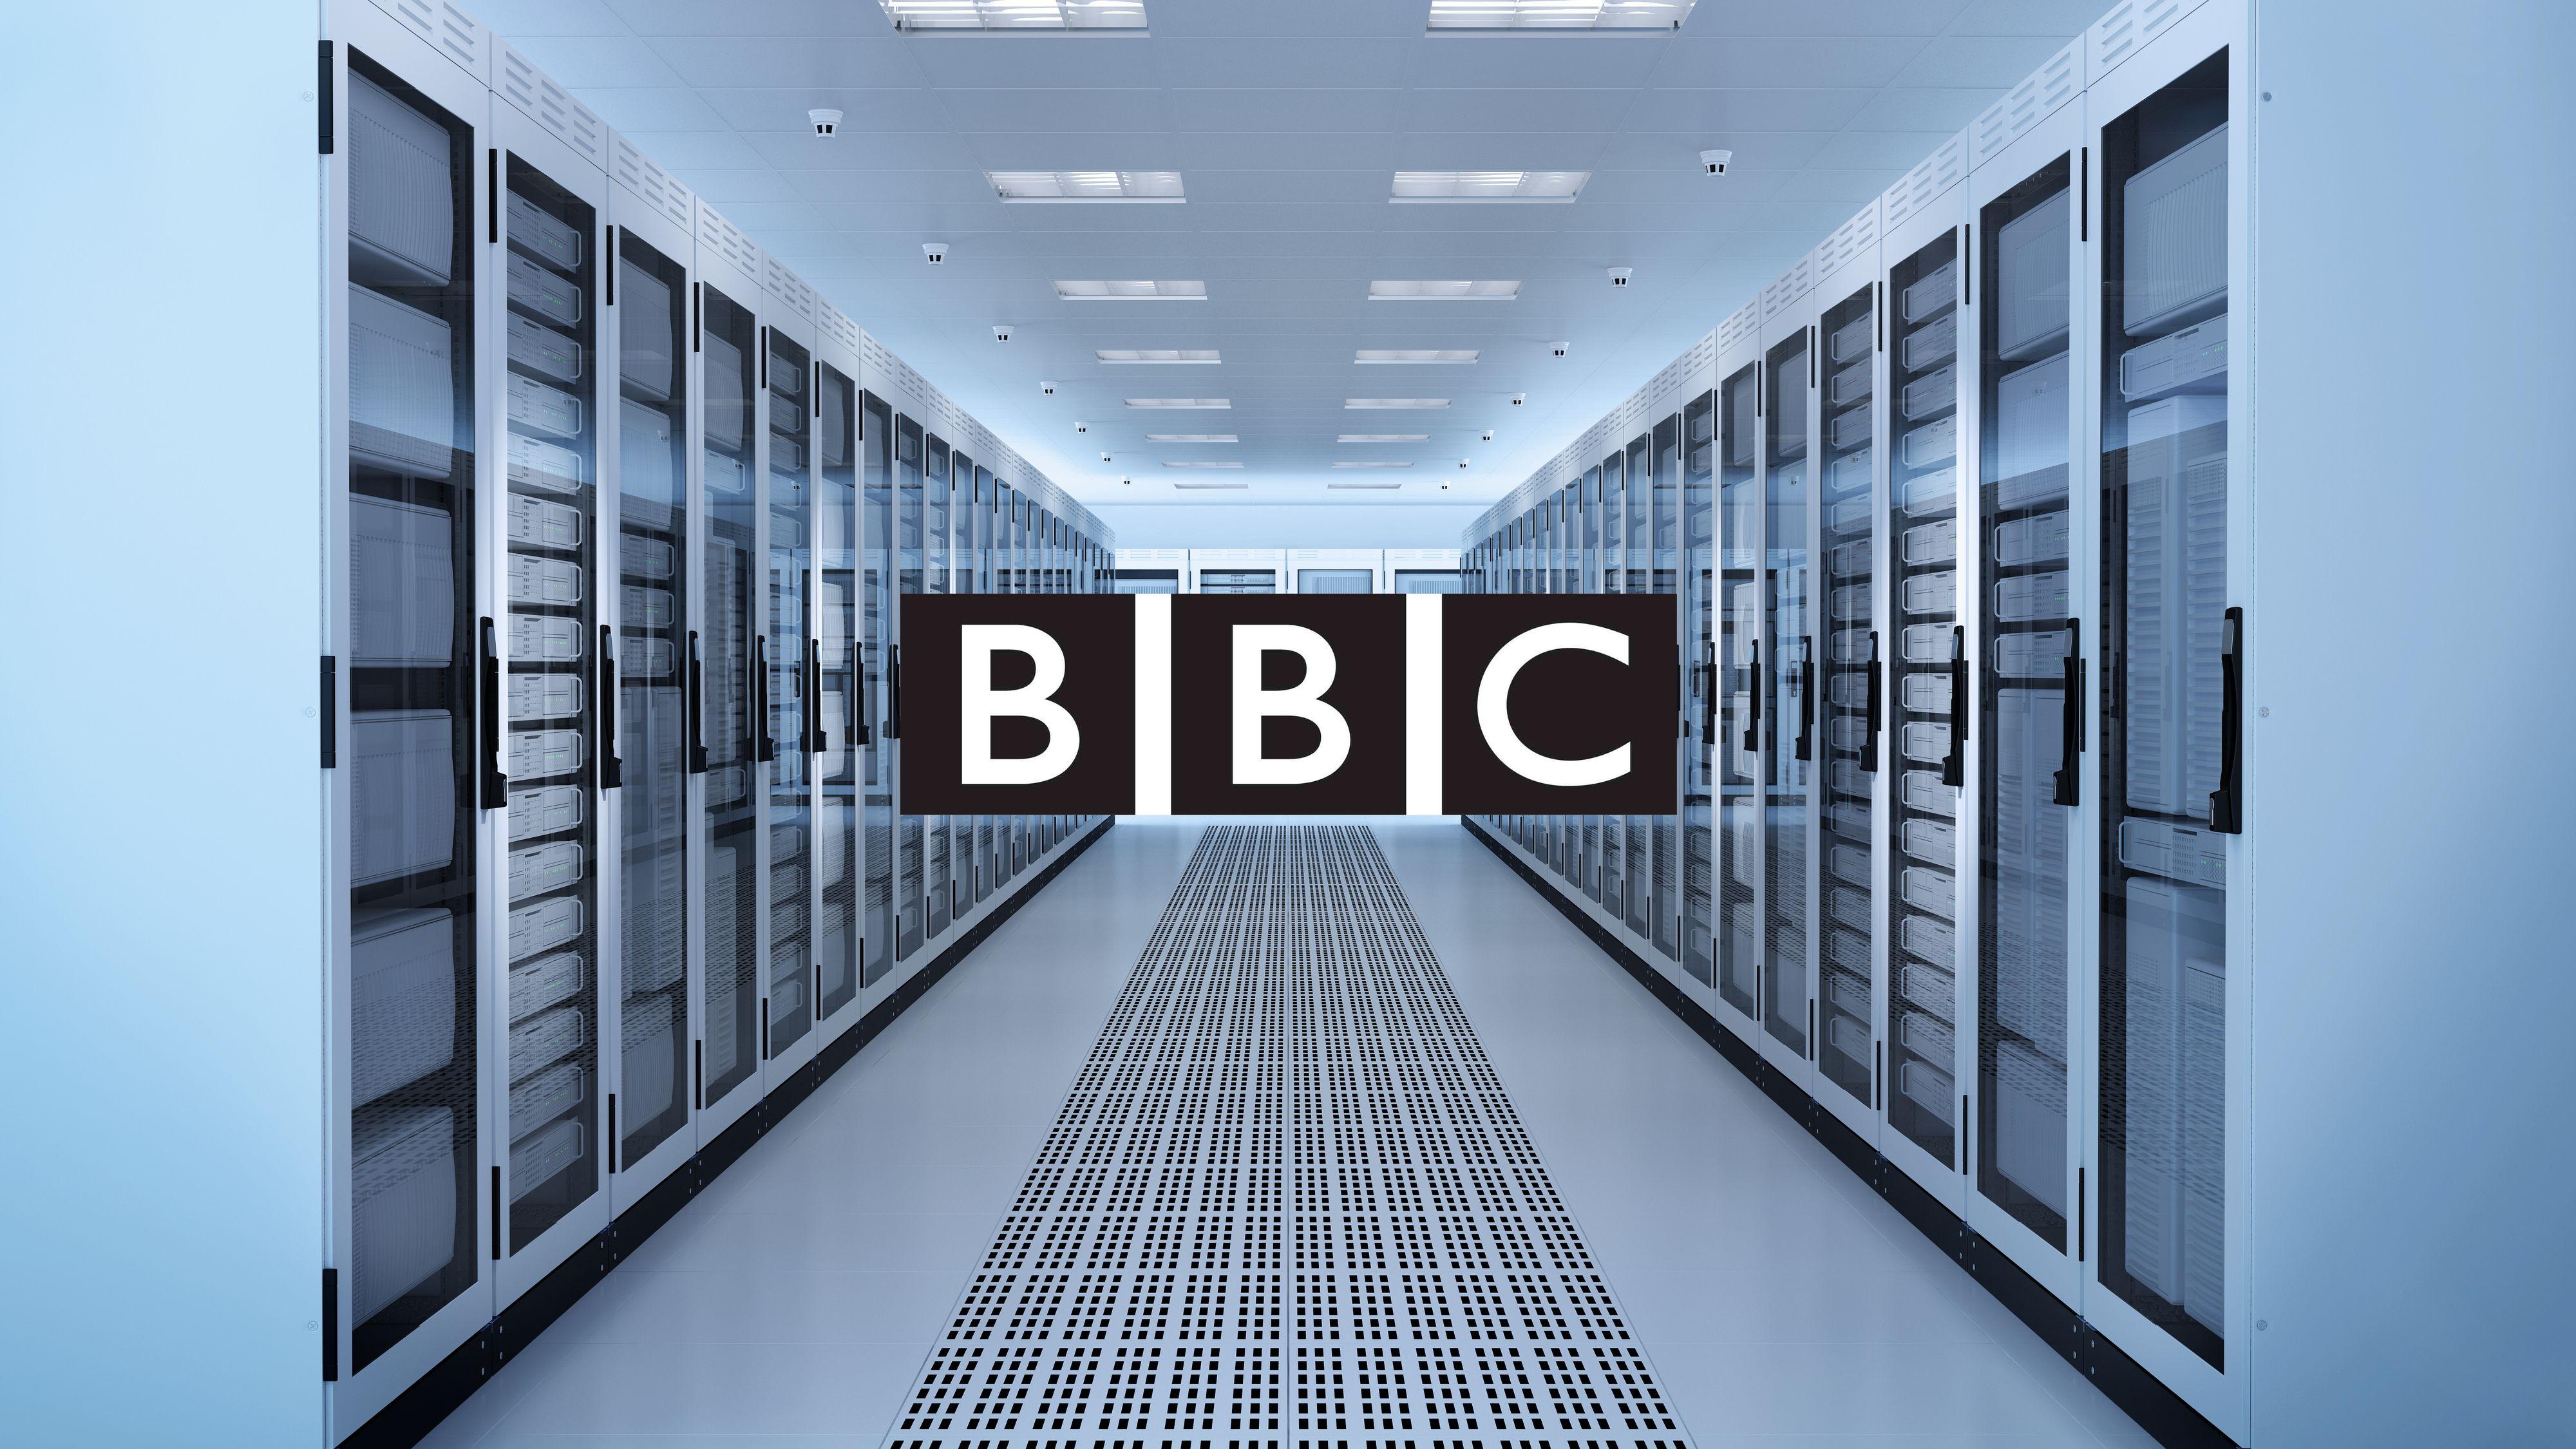 BBC mener VPN-brukere bør anses som mulige pirater